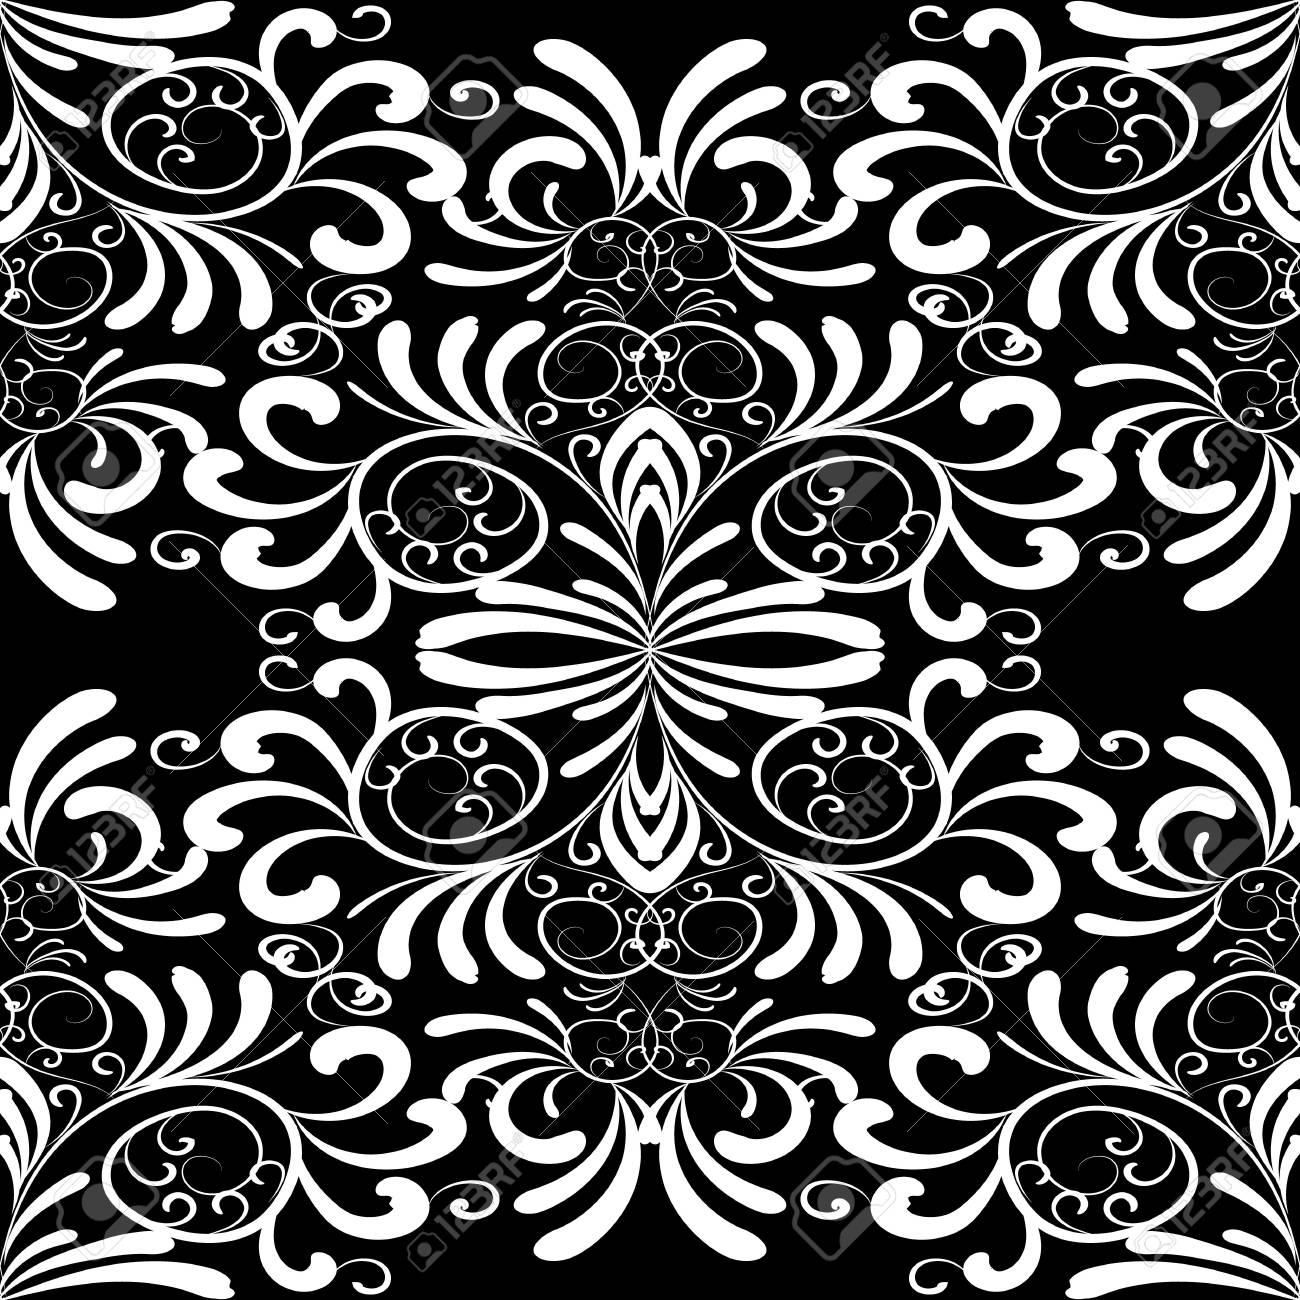 Modele Sans Couture Floral Vintage Damasse Fond Blanc Noir Papier